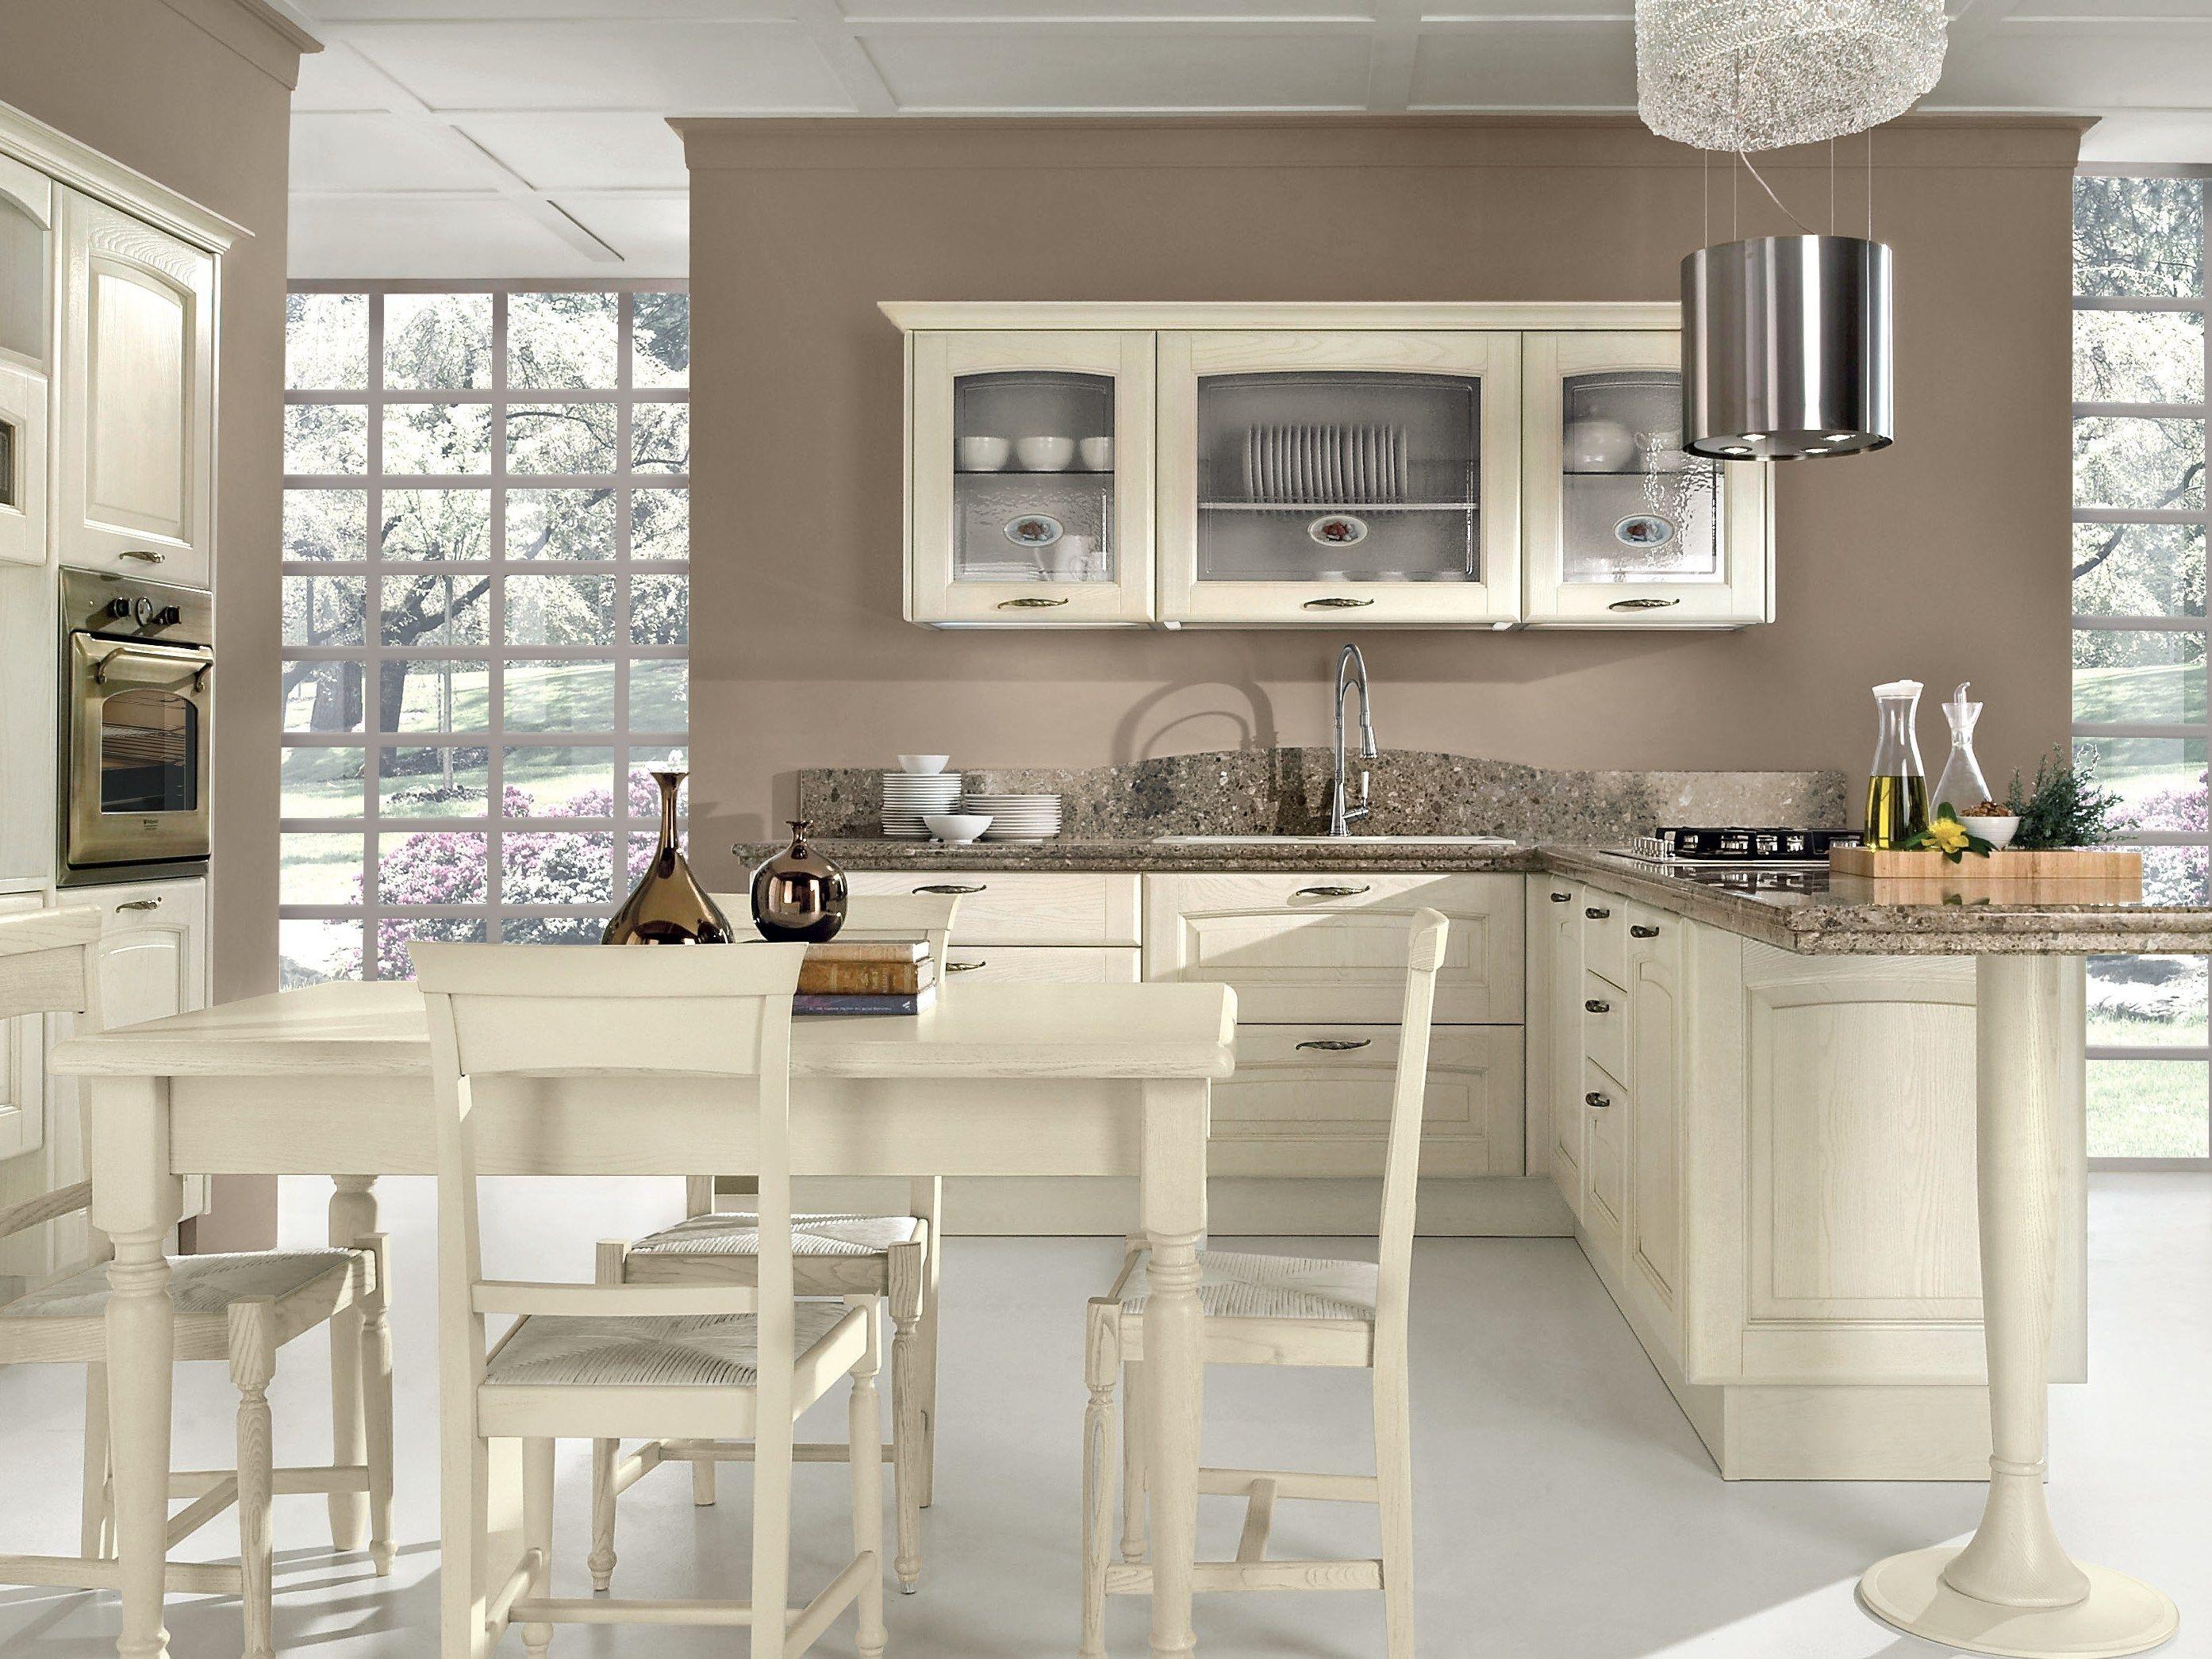 Veronica decap kitchen by cucine lube - Cucine classiche avorio ...